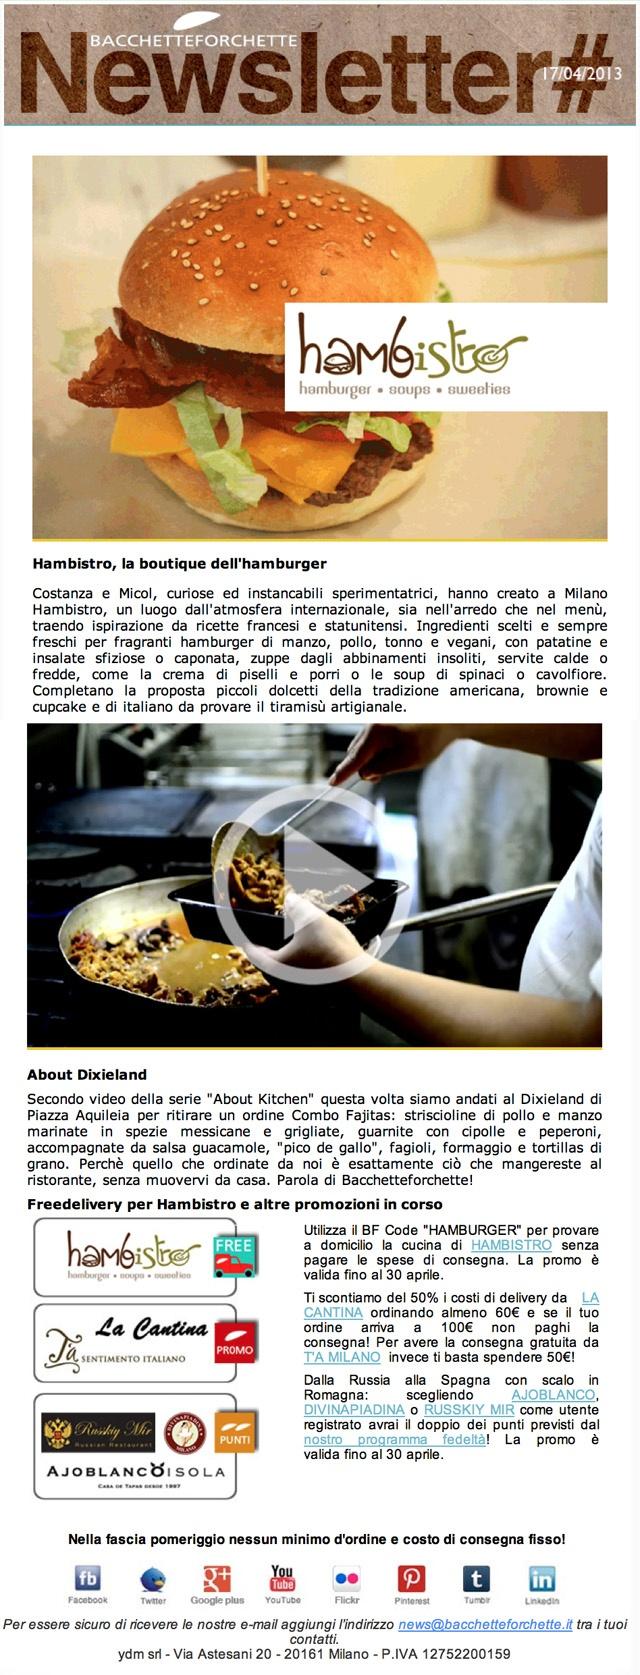 Newsletter Bacchetteforchette 17/4/2013